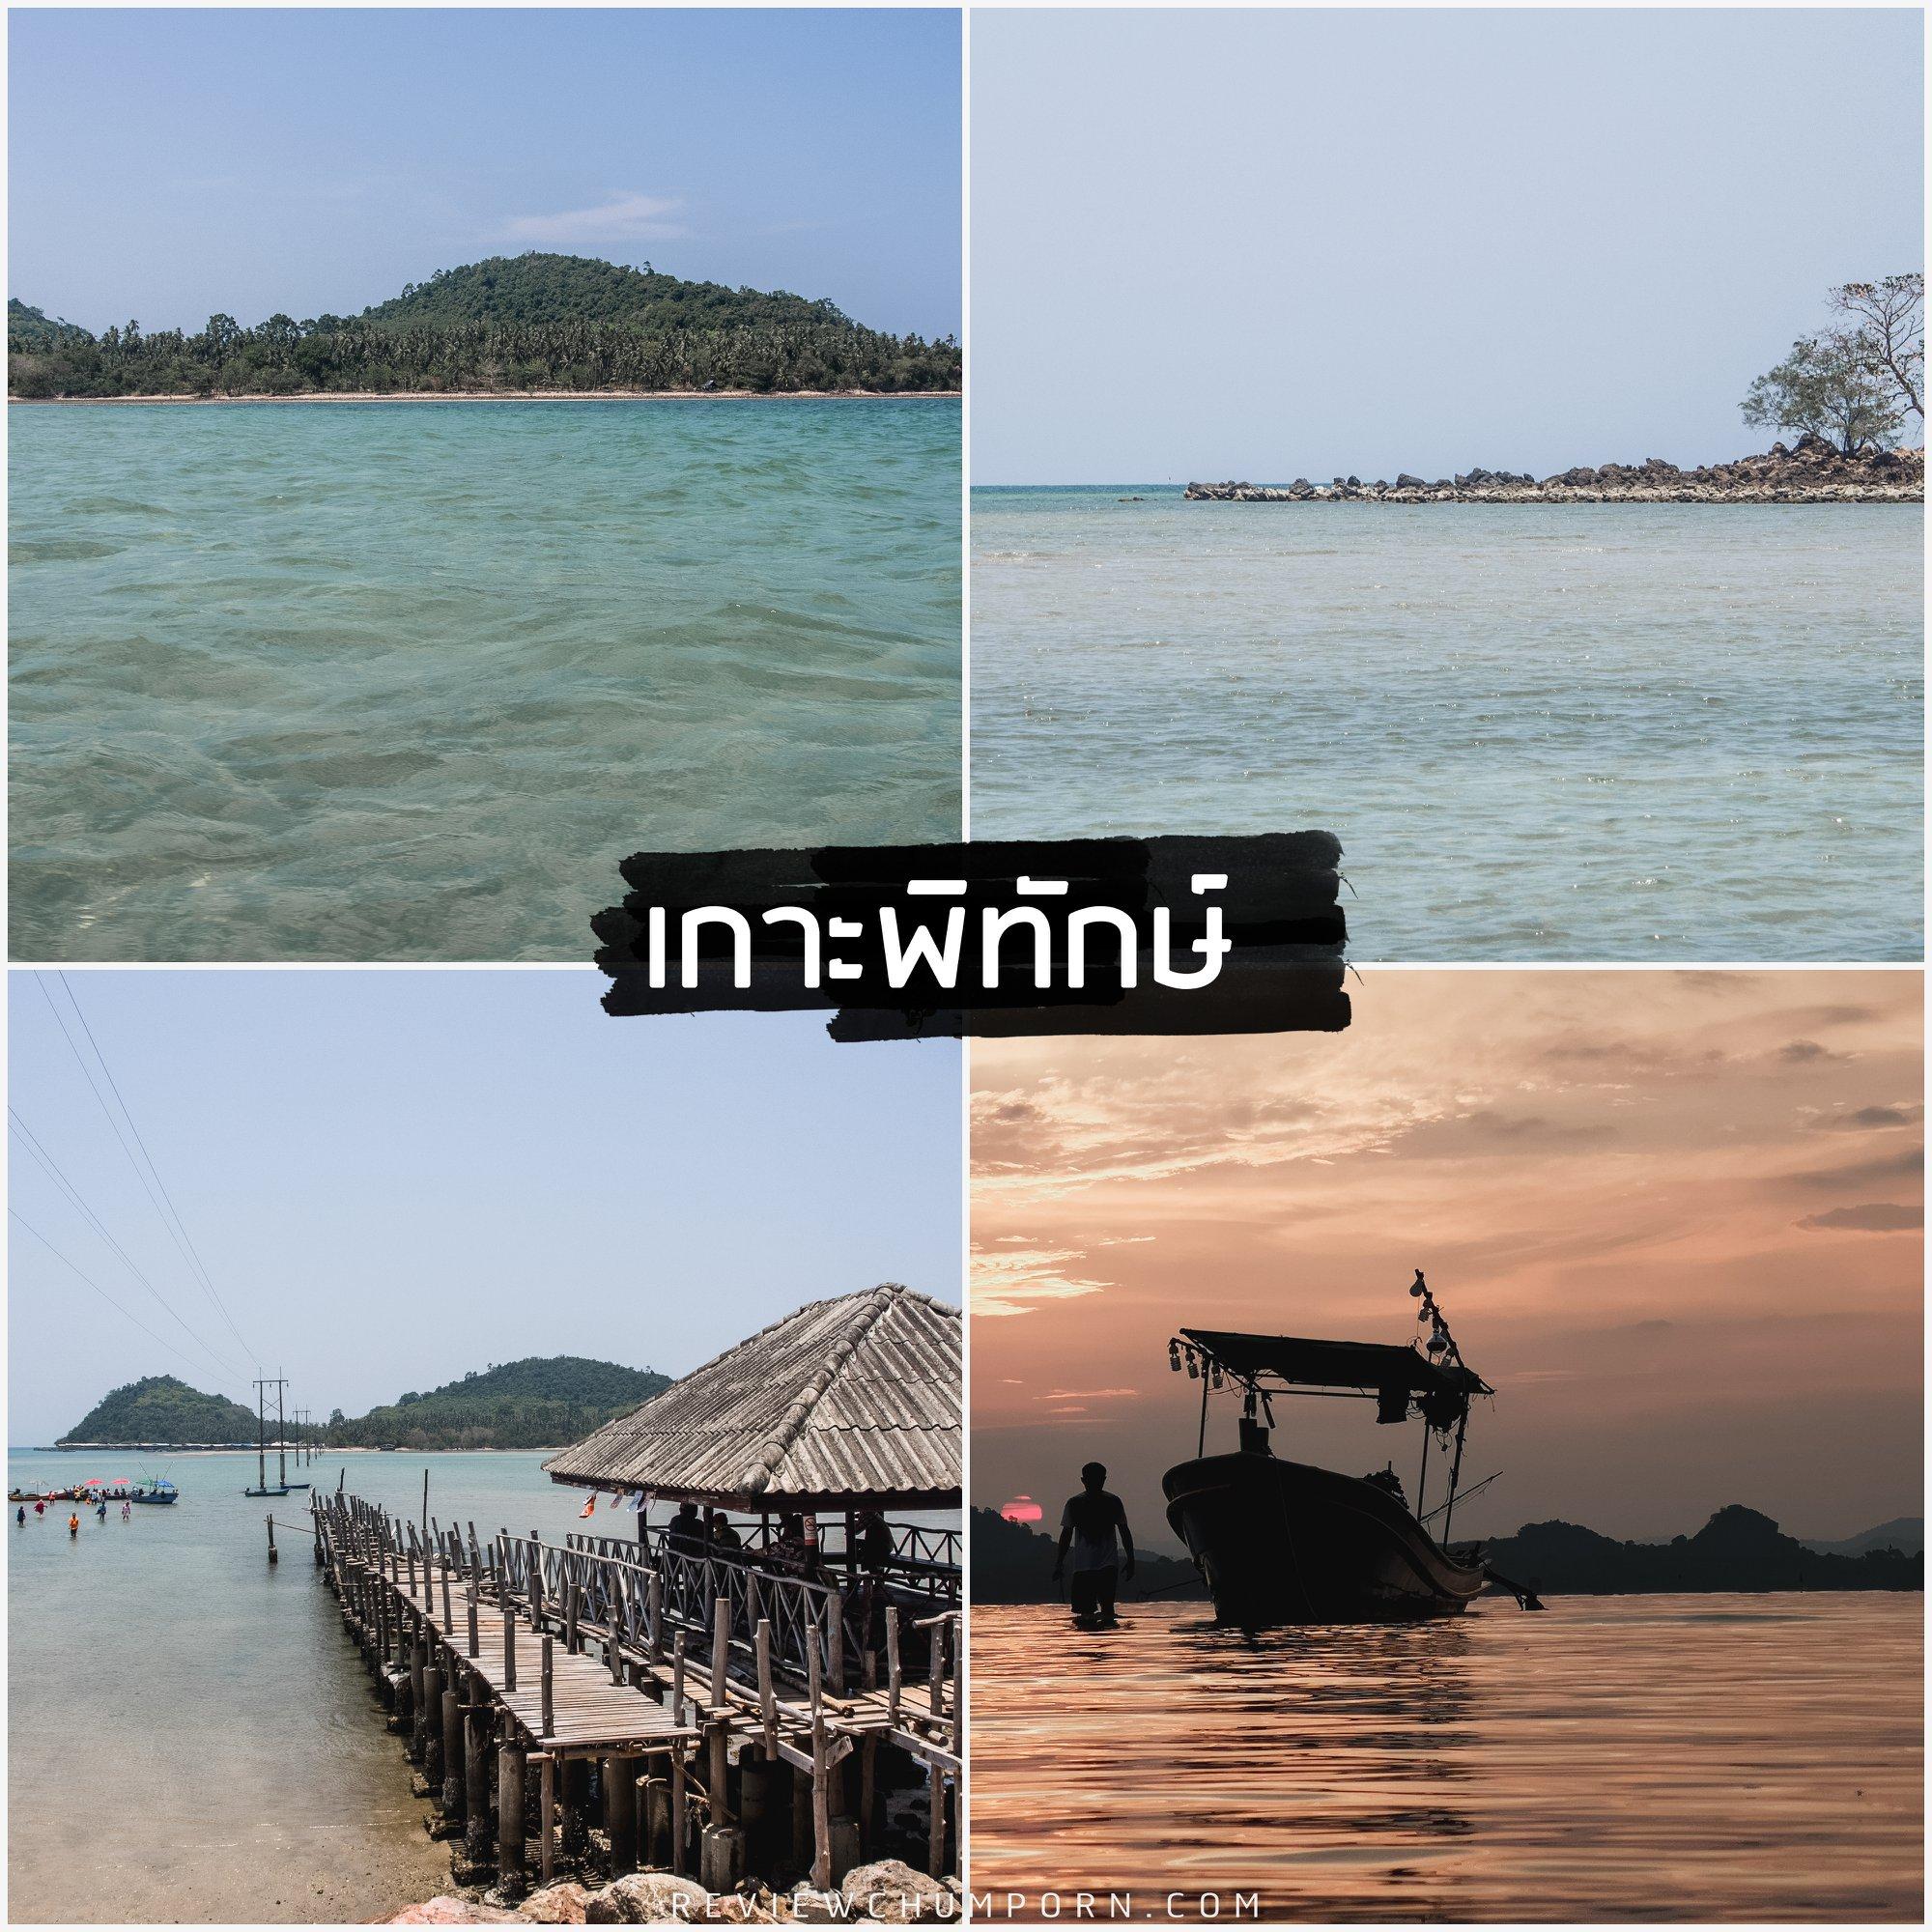 ห้ามพลาดด-เกาะพิทักษ์-ชุมพร-มาแวะเซลฟี่กับปลาโลมาสีชมพู-ดำน้ำดูปะการัง-ตกหมึกและกิจกรรมอีกมากมาย คลิกที่นี่ ชุมพร,จุดเช็คอิน,สถานที่ท่องเที่ยว,ของกิน,ร้านอาหาร,คาเฟ่